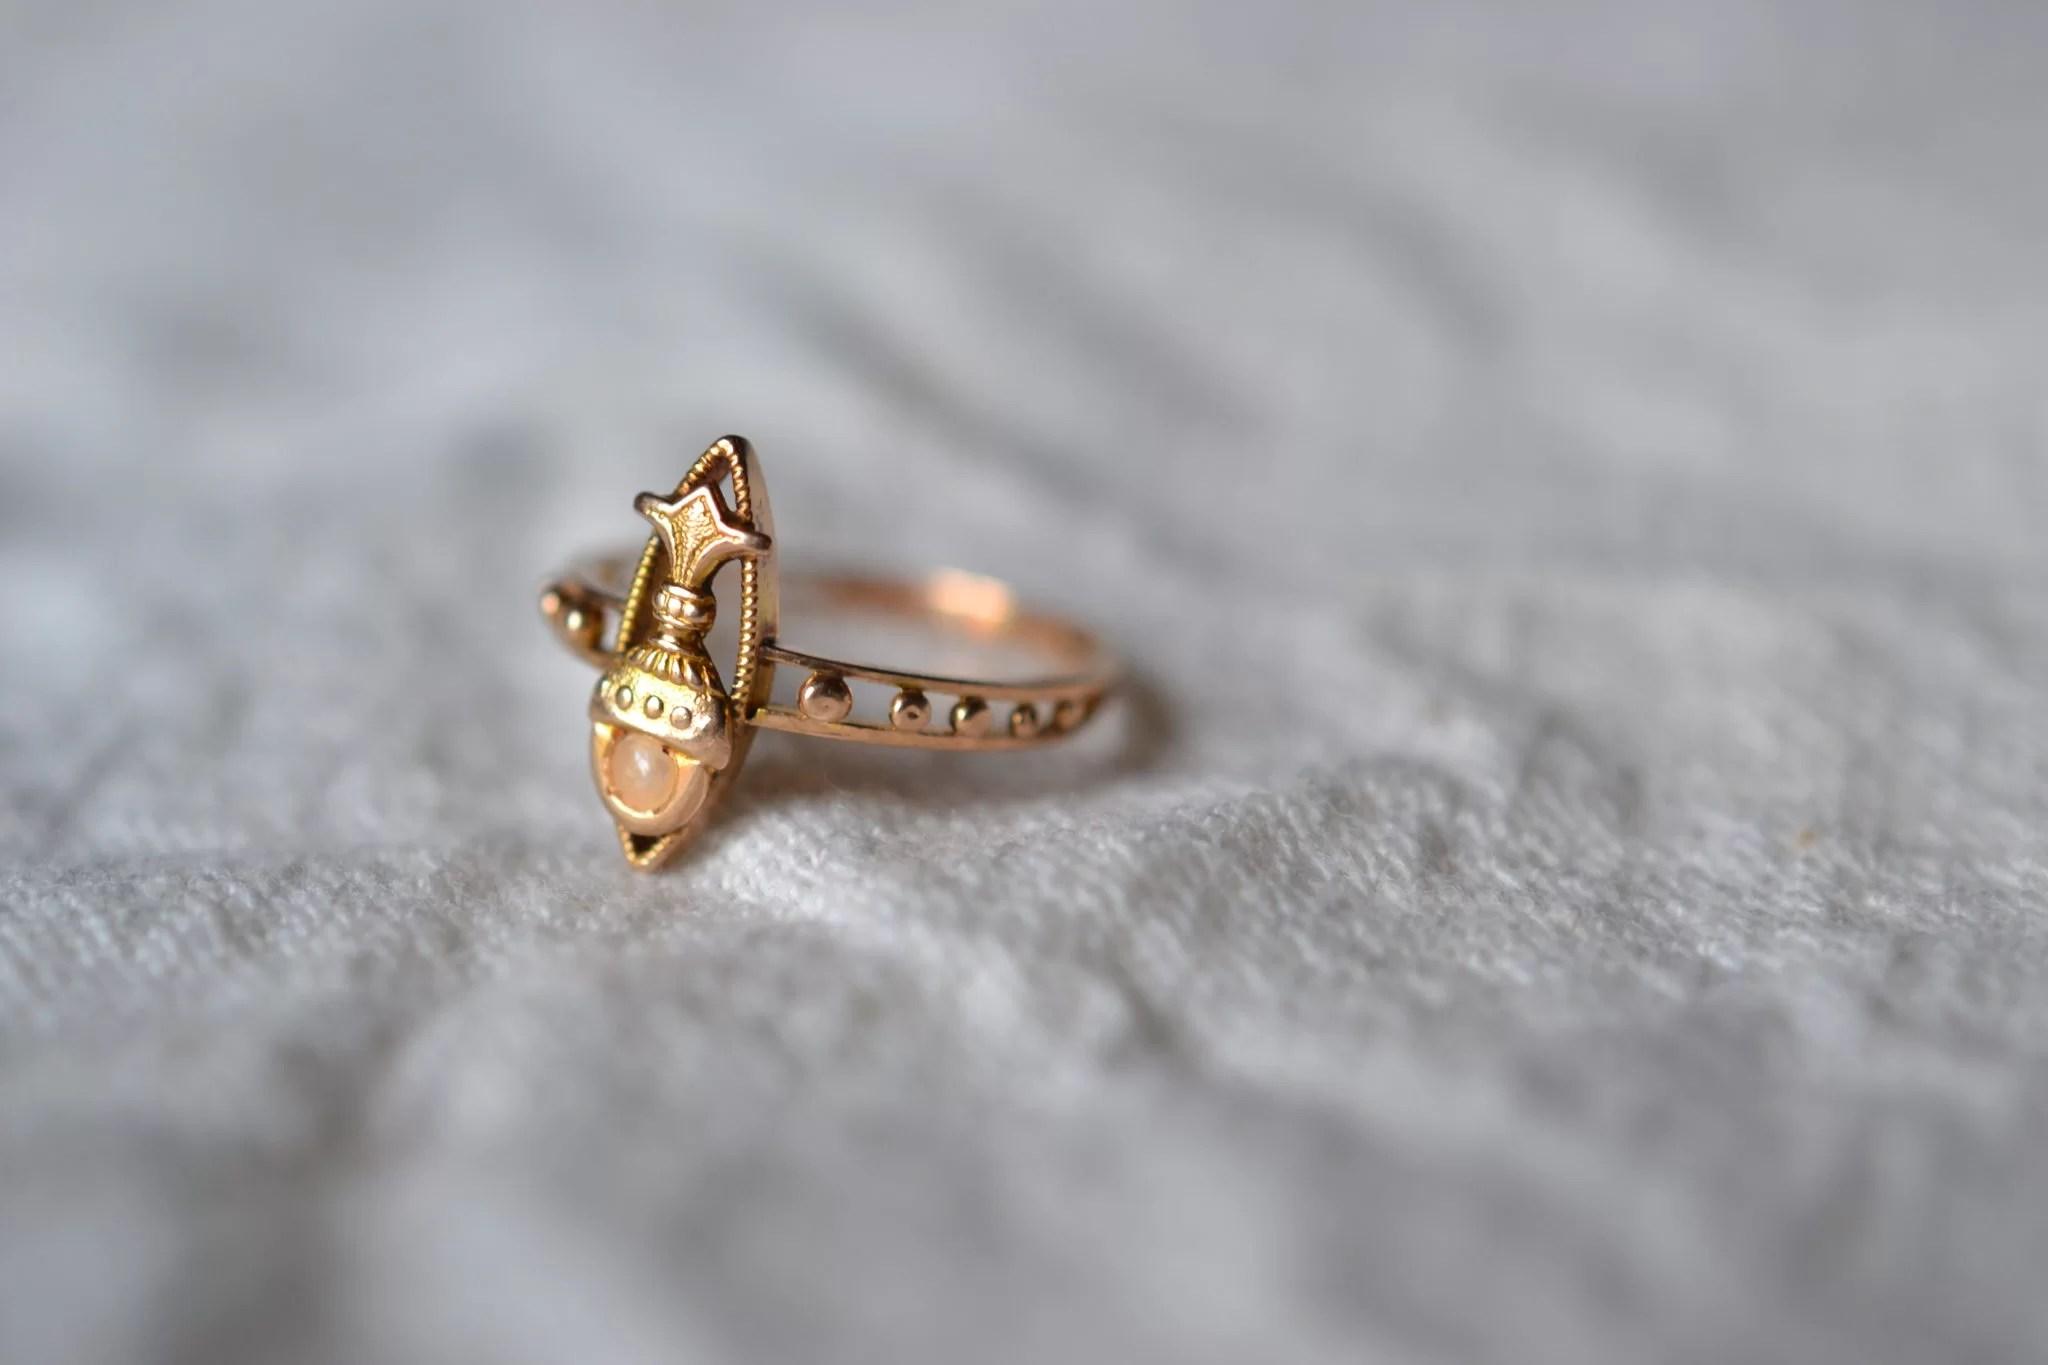 Bague Ancienne À Décor De Calice - En Or Et Perle - Bijoux Anciens Rénovés